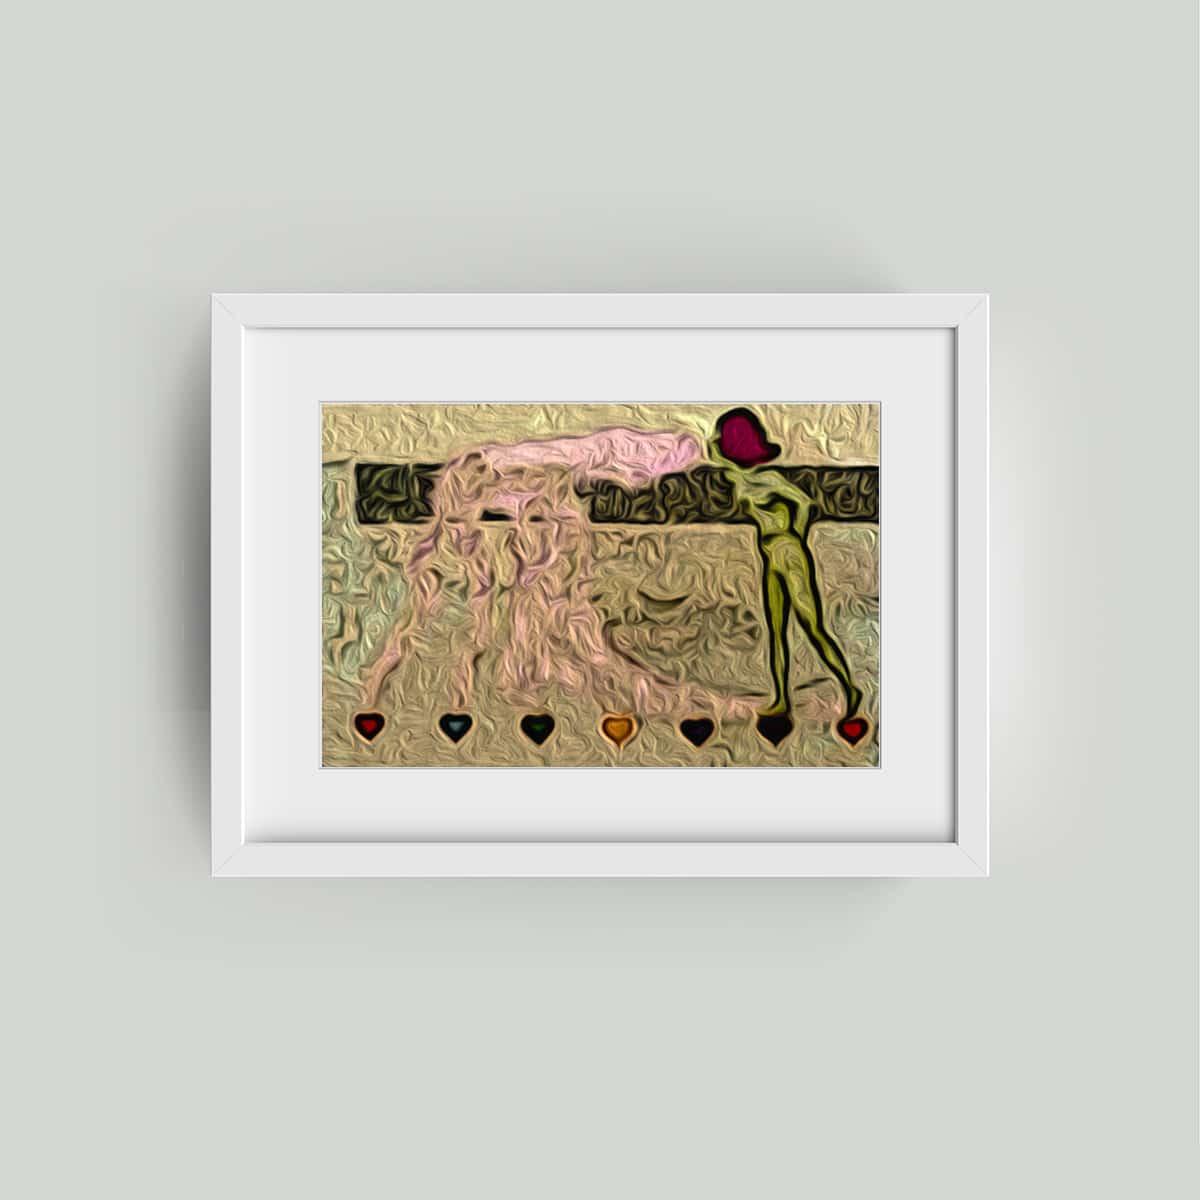 kirchner art framed